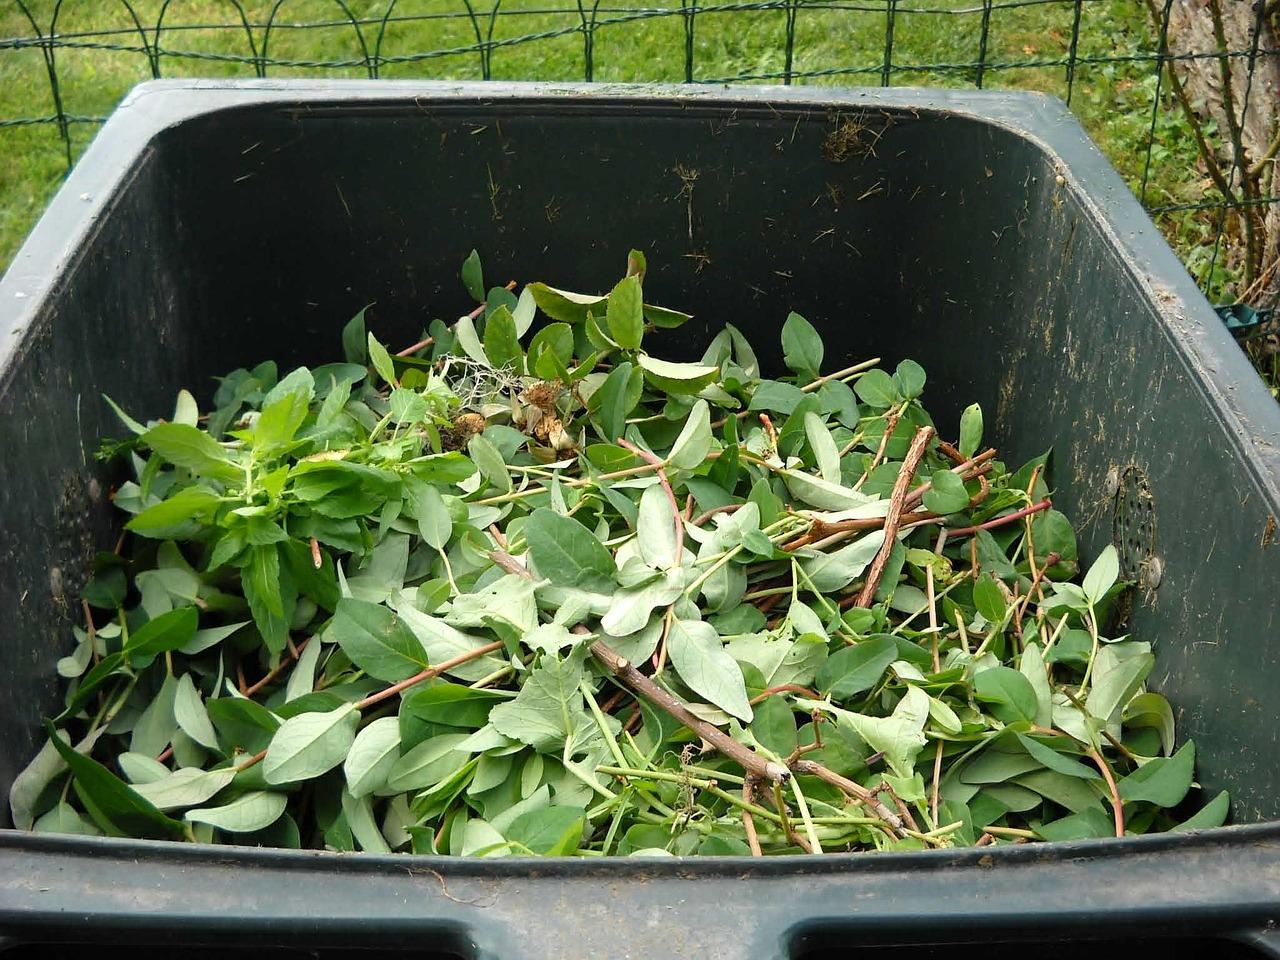 green-waste-486011_1280